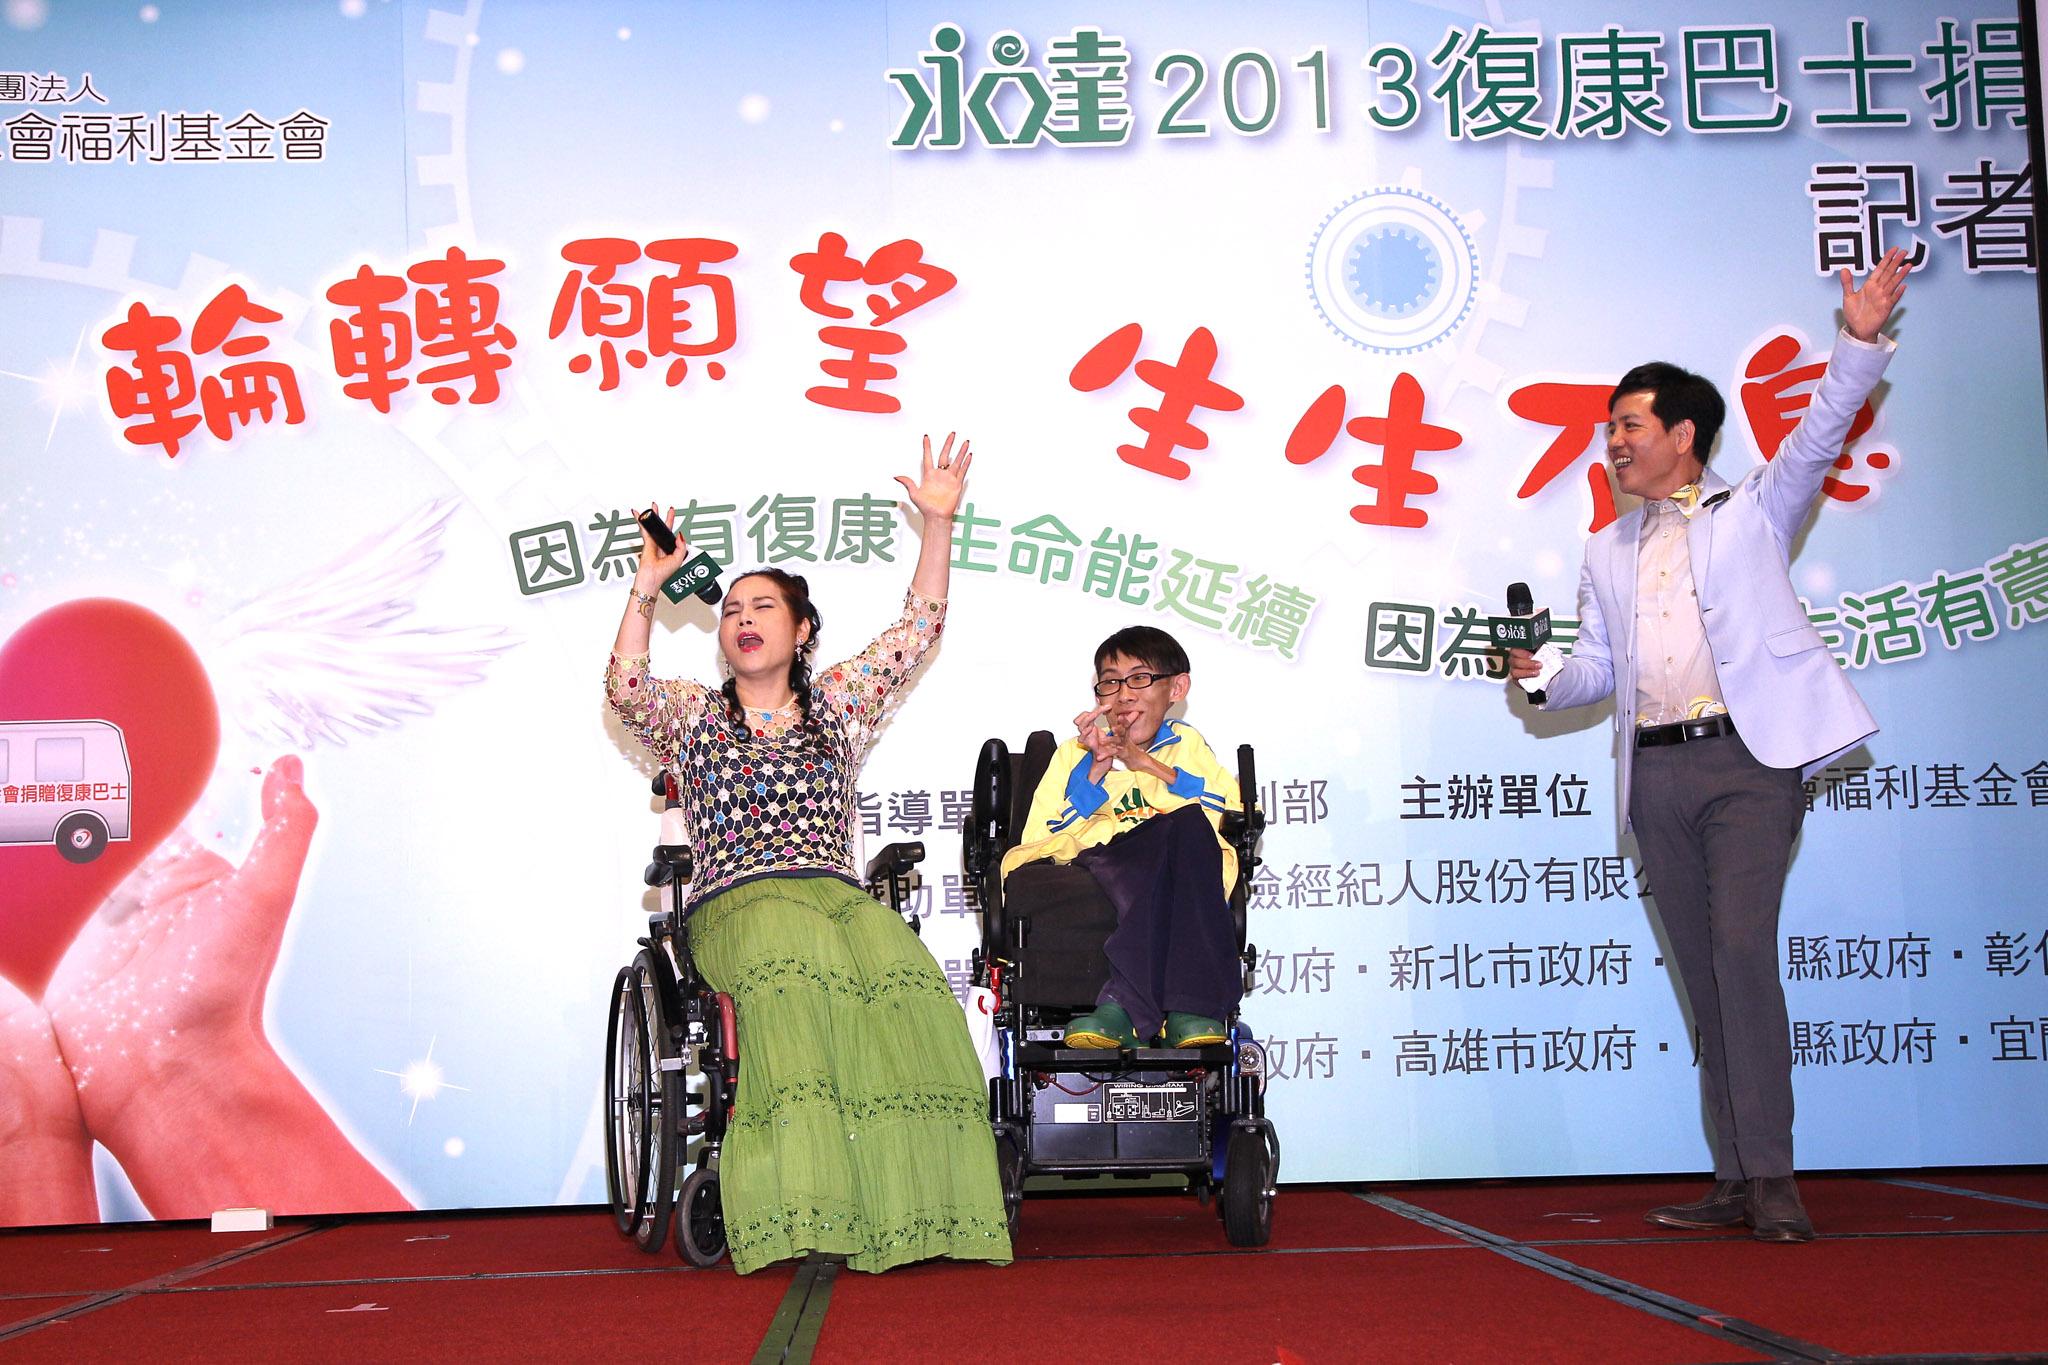 「月亮歌后」李珮菁(左)以一曲「我愛月亮」風靡全場,同時也鼓勵所有身障朋友勇敢樂觀向前。